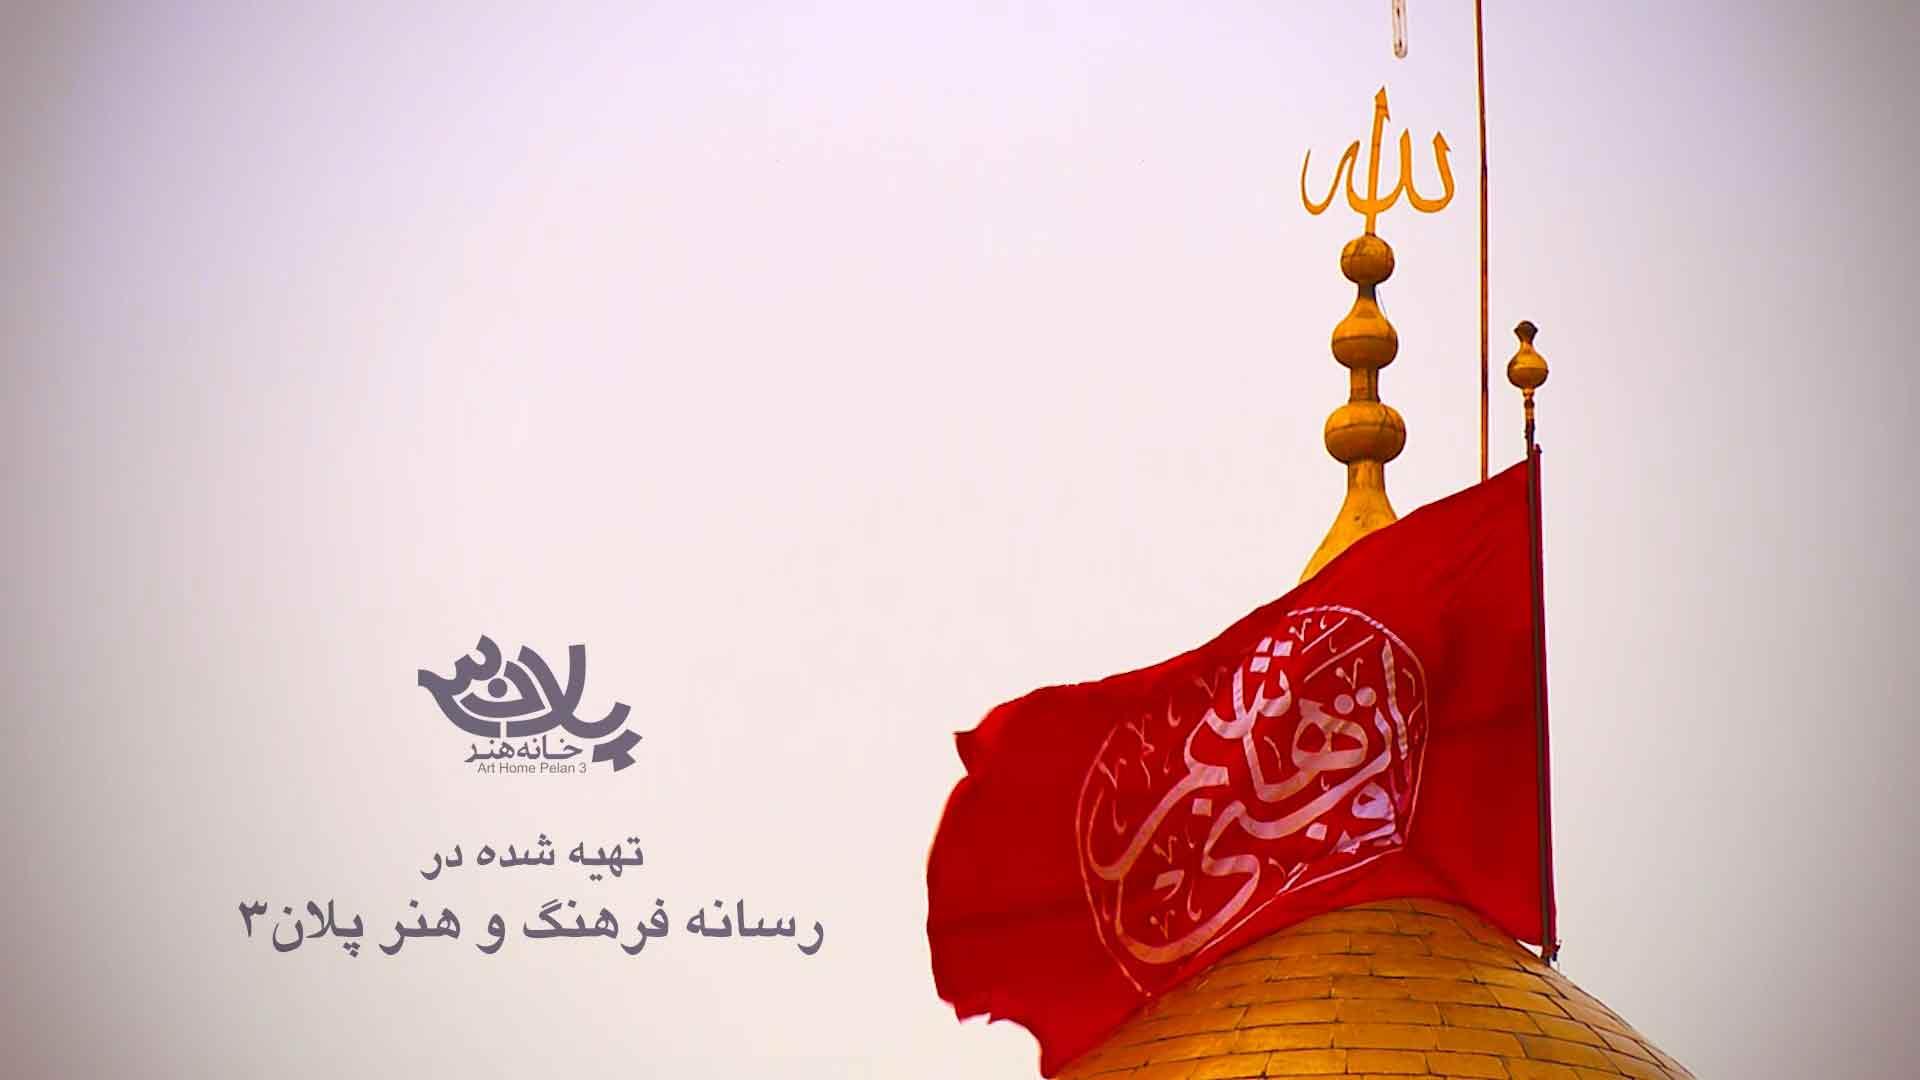 نماهنگ ملکا محسن چاوشی